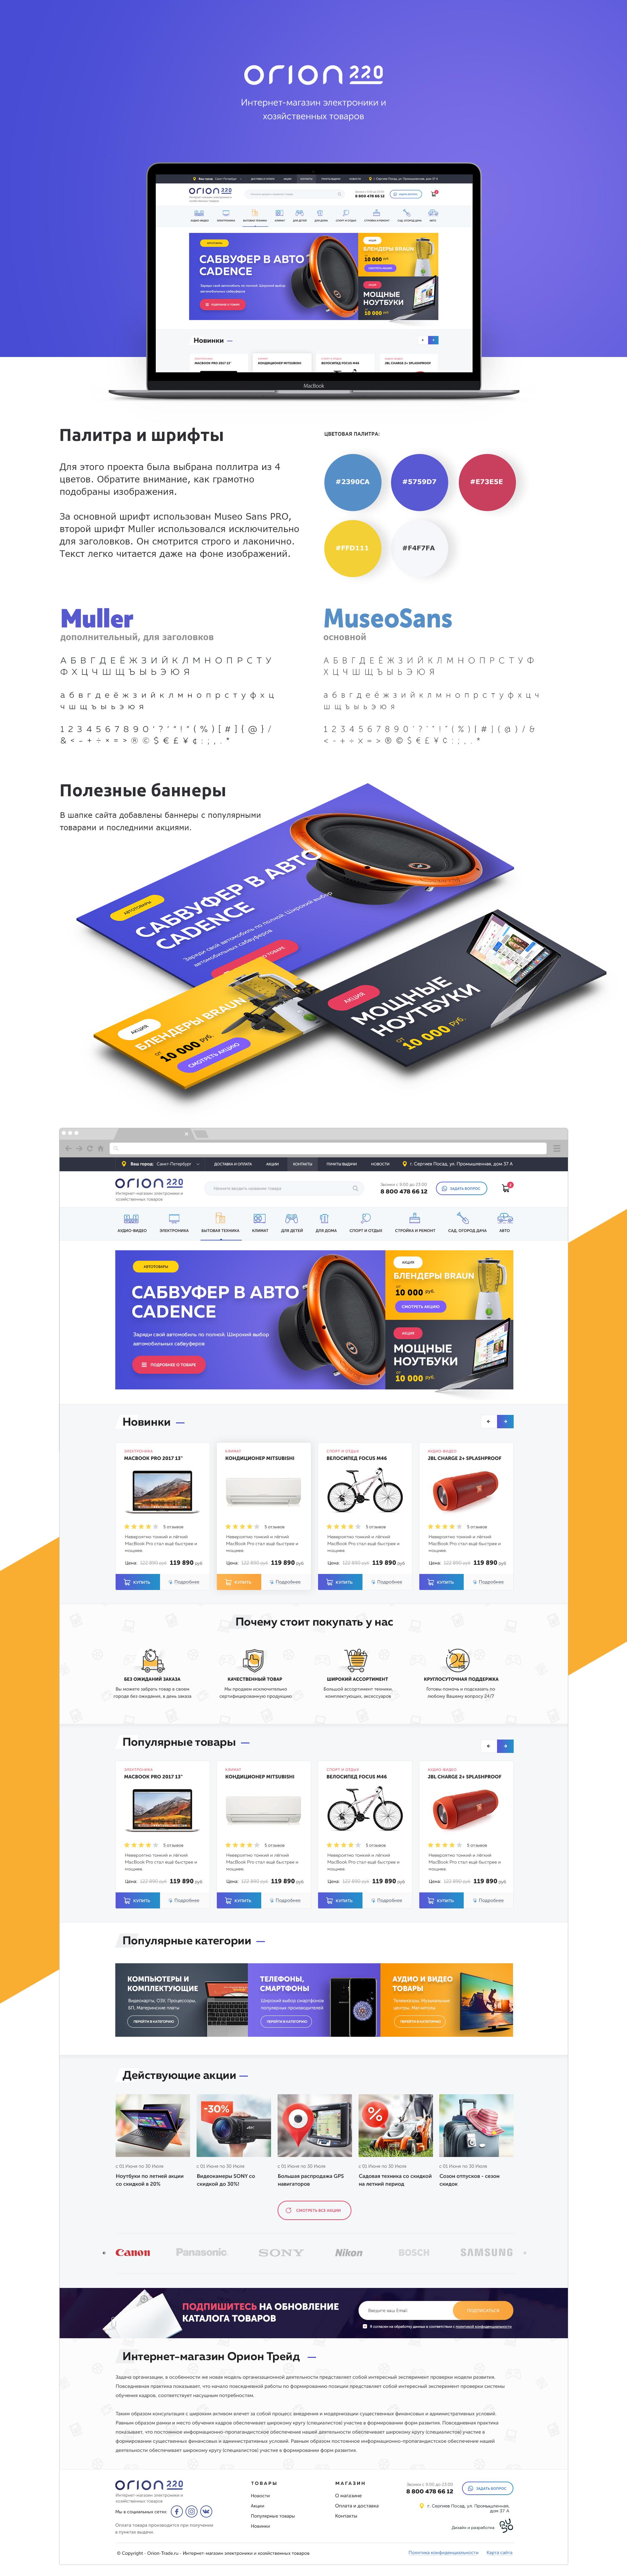 Orion220 - интернет-магазин электроники и хозяйственных товаров